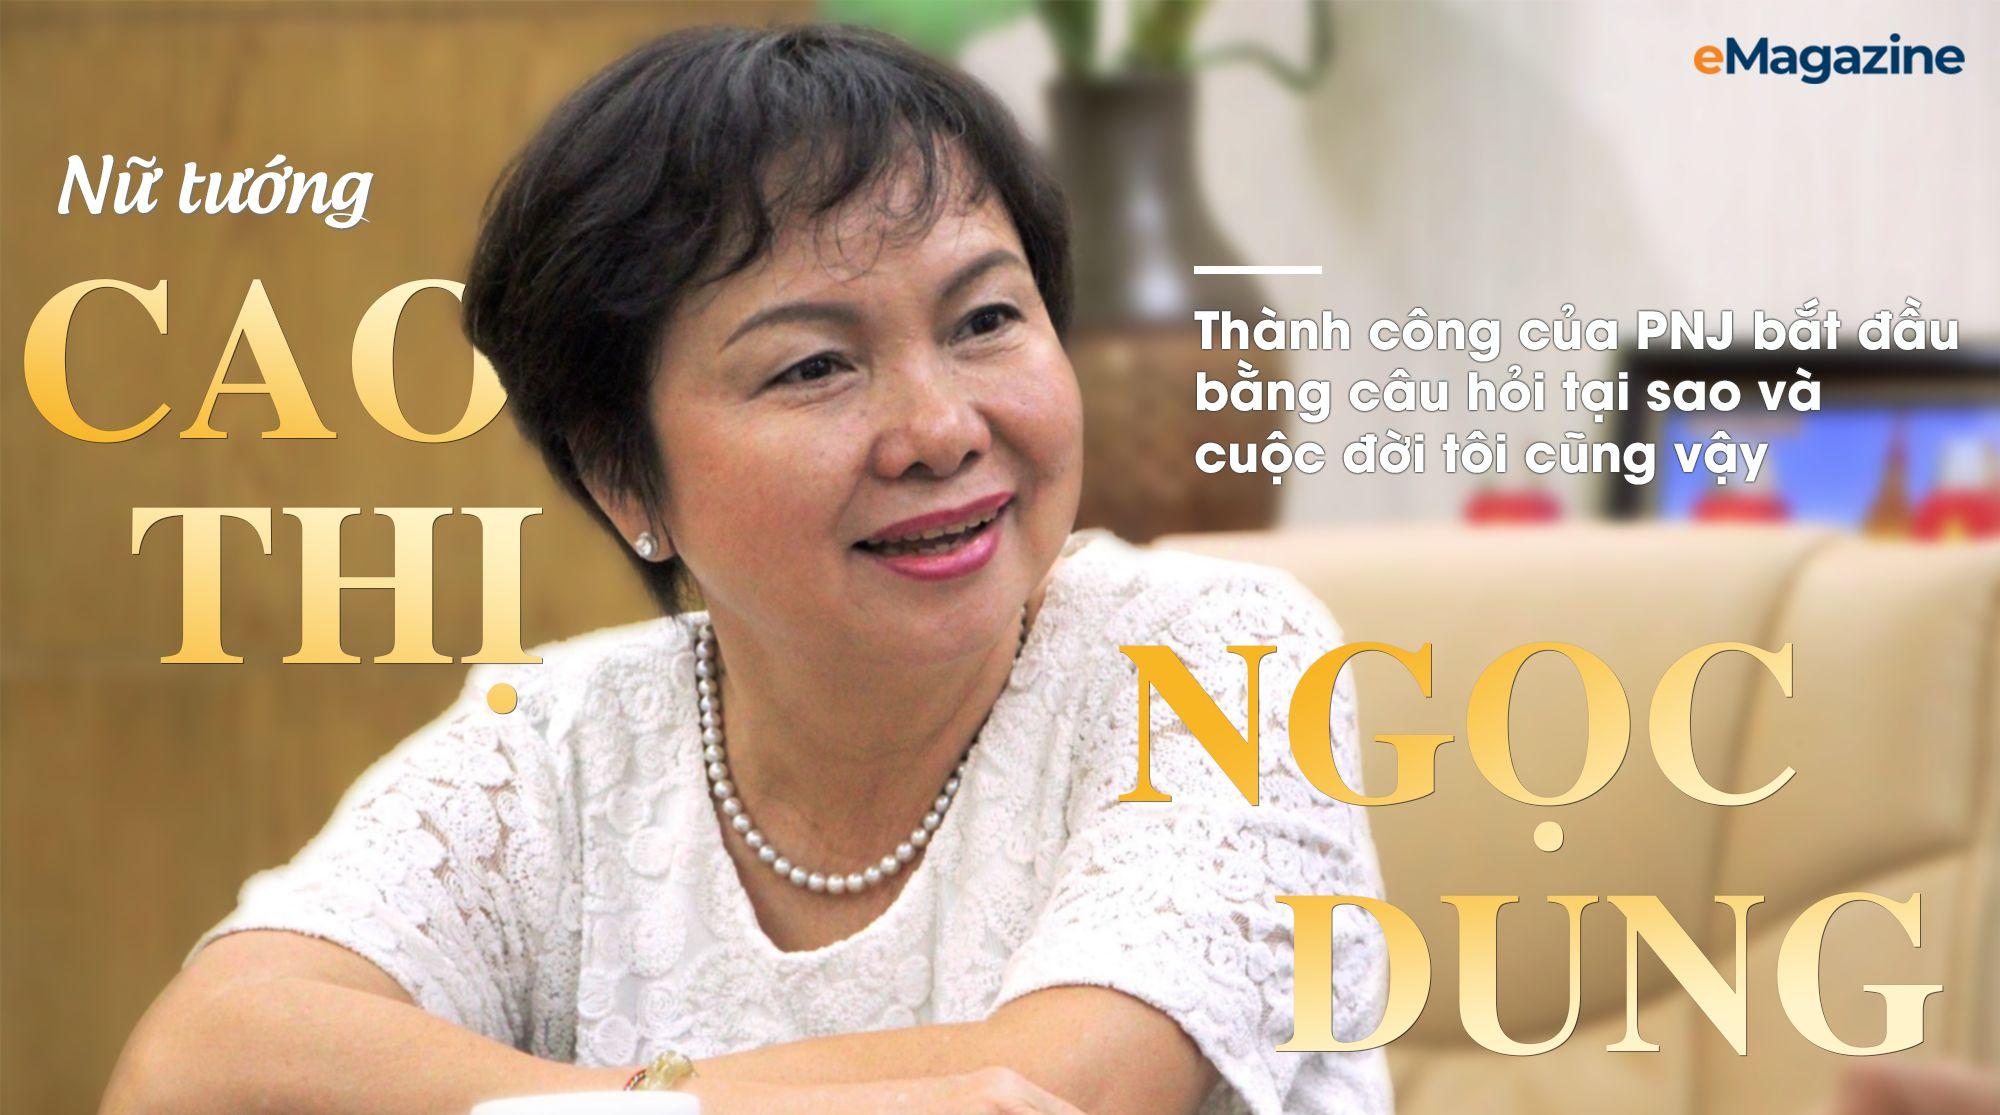 """Nữ tướng Cao Thị Ngọc Dung: """"Thành công của PNJ bắt đầu bằng câu hỏi tại sao và cuộc đời tôi cũng vậy"""""""